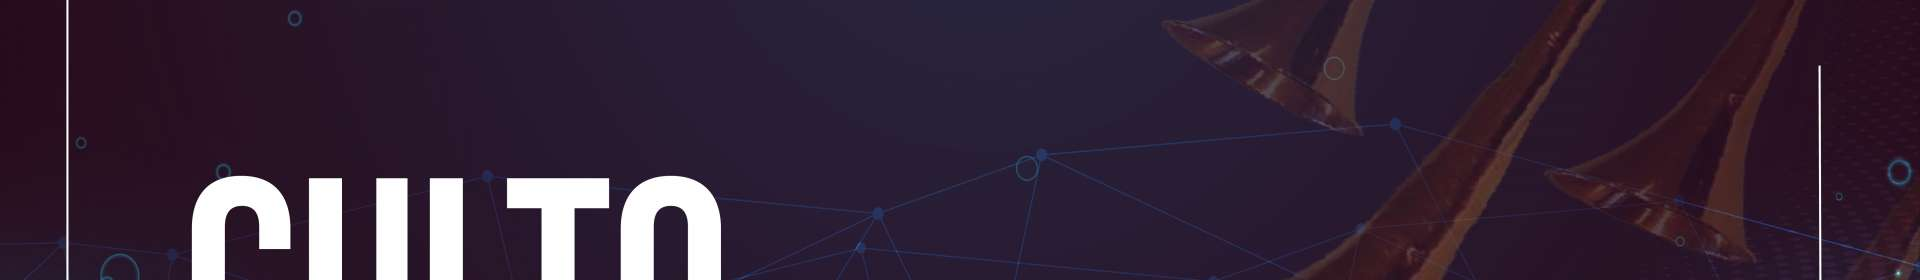 Culto via satélite exibido em 08/03/2020